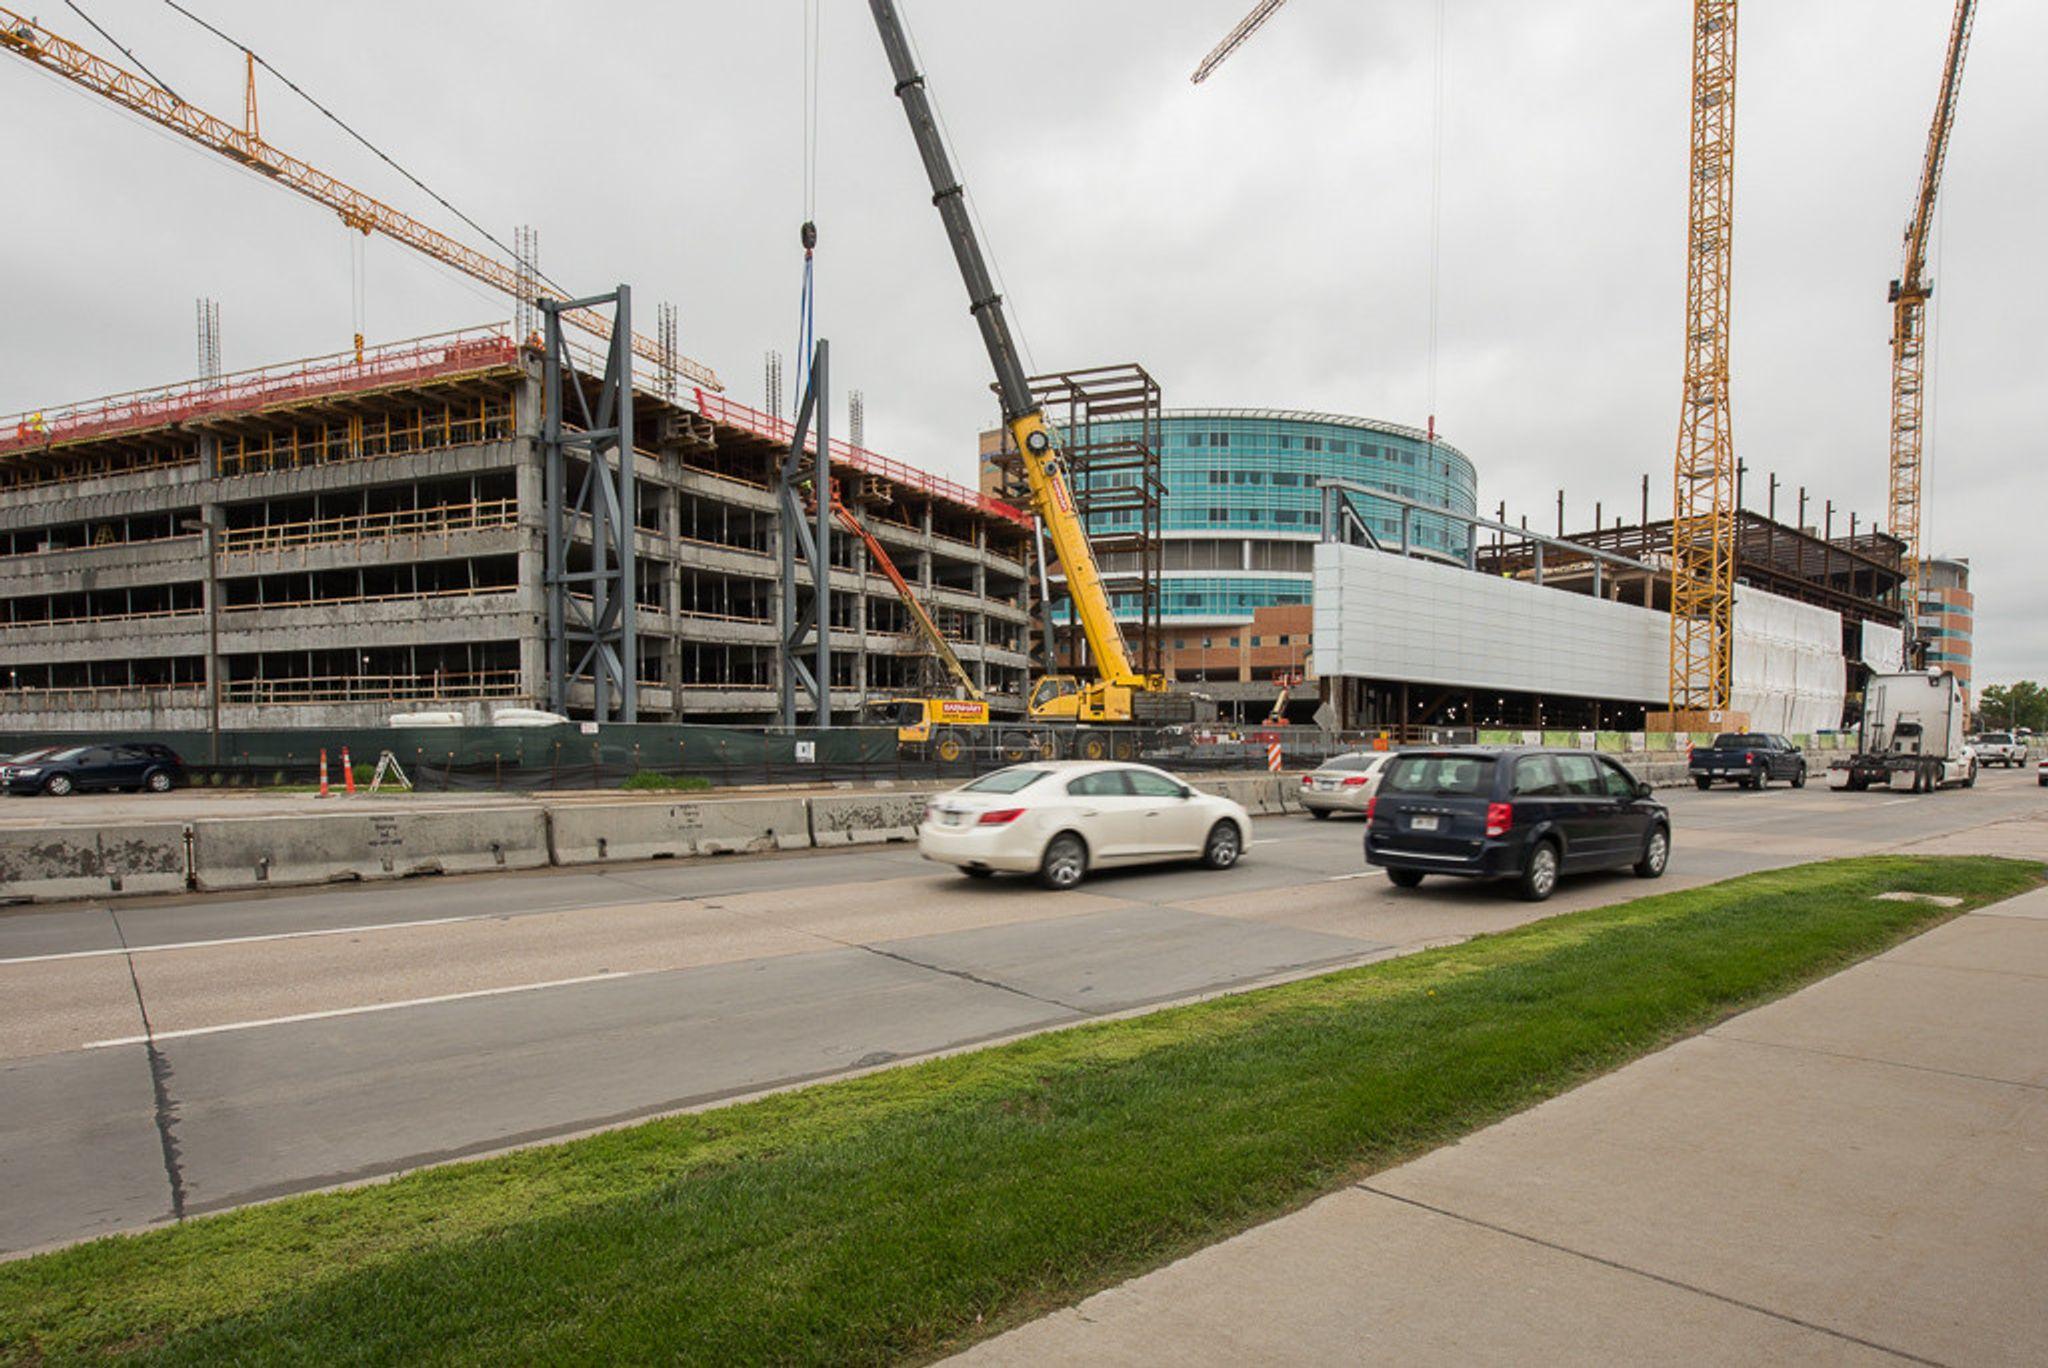 Children's Hospital & Medical Center – East Parking Garage